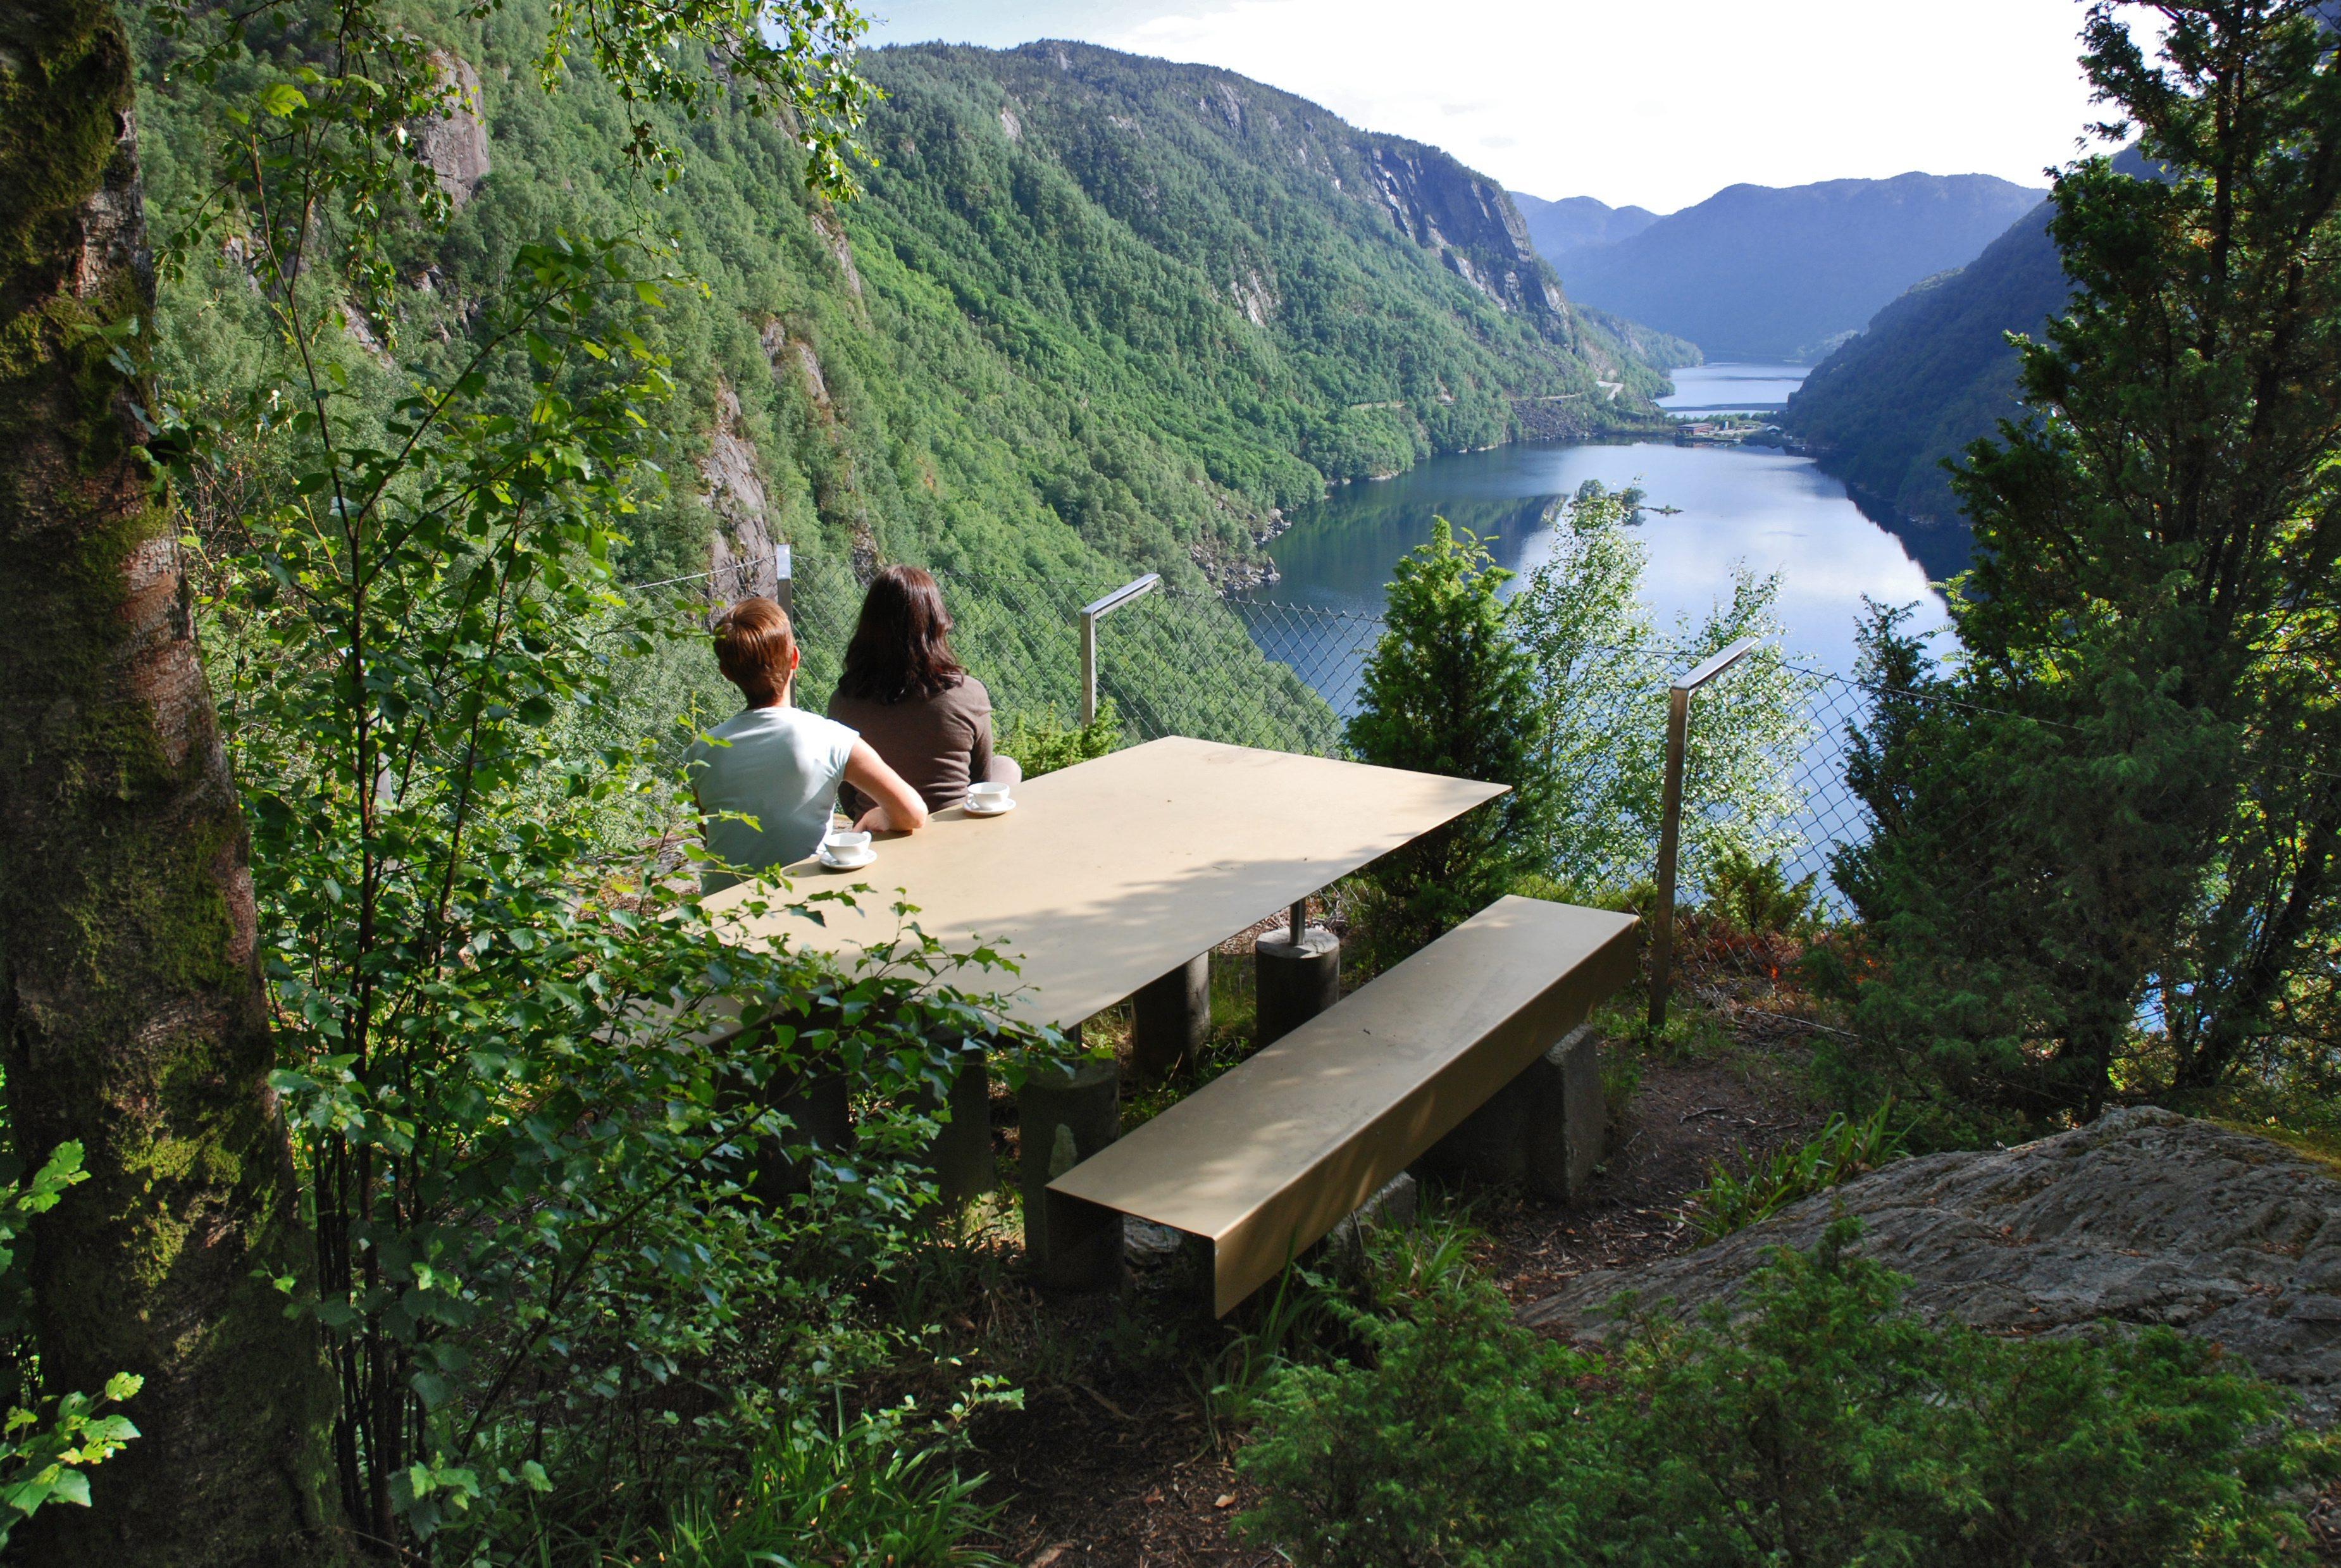 Lovrafjorden, National Scenic Route Ryfylke